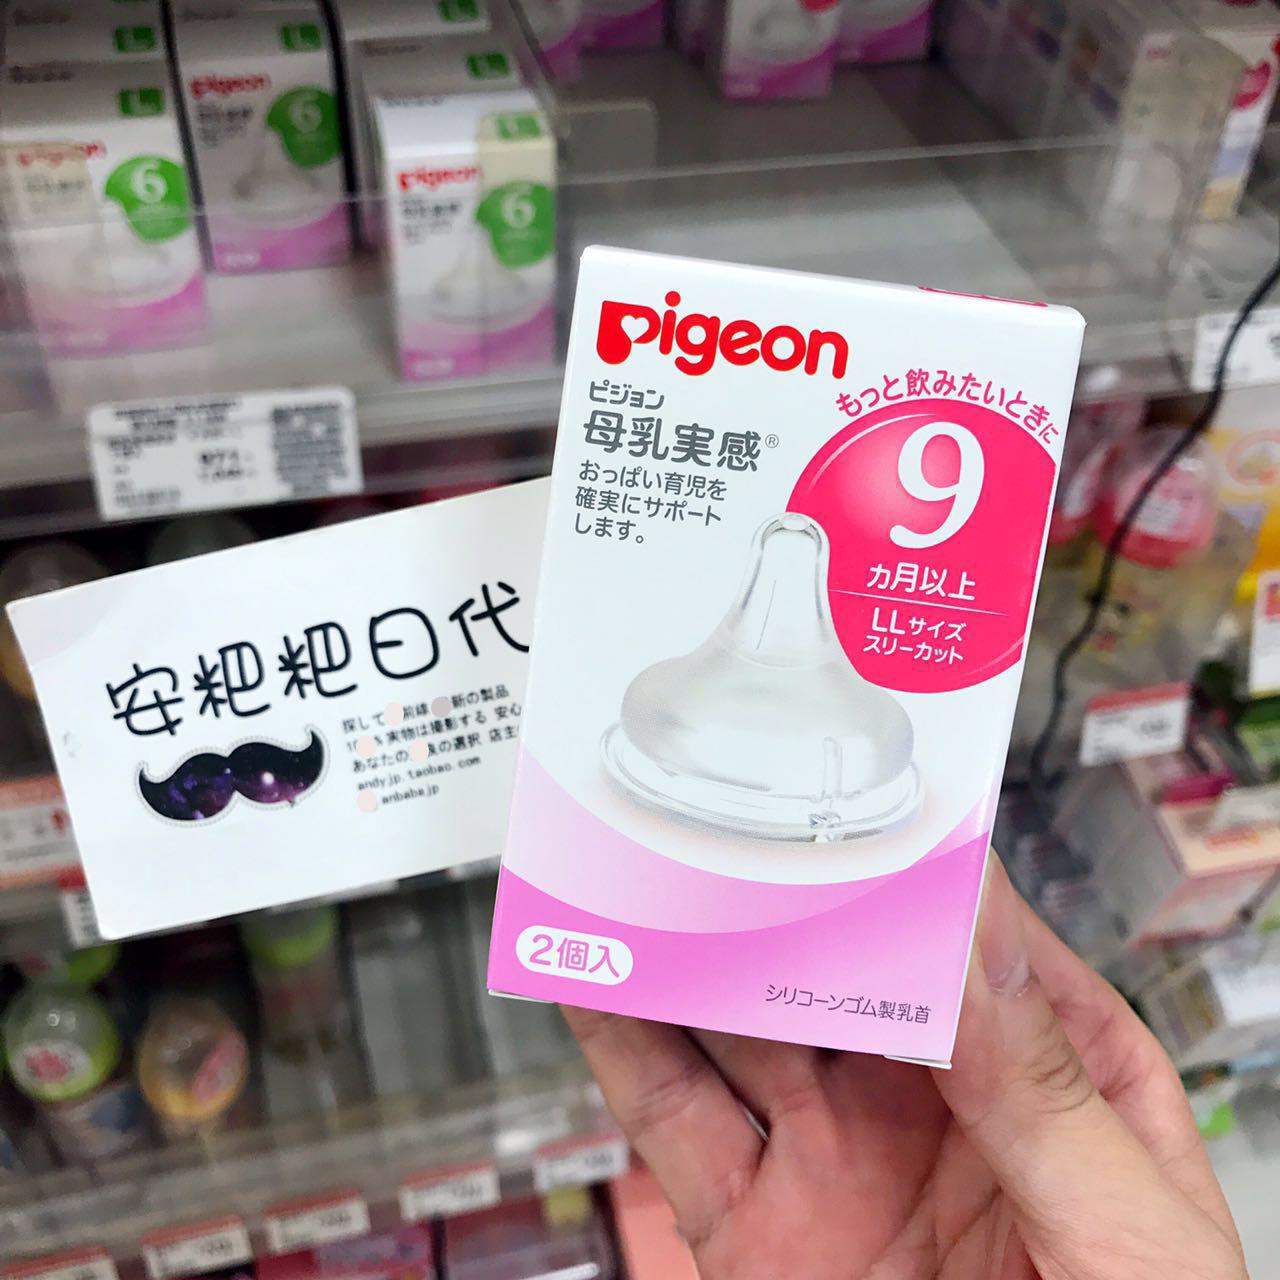 日本本土贝亲宽口径新生儿宝宝硅胶奶嘴母乳实感婴儿奶嘴S/M/L/LL